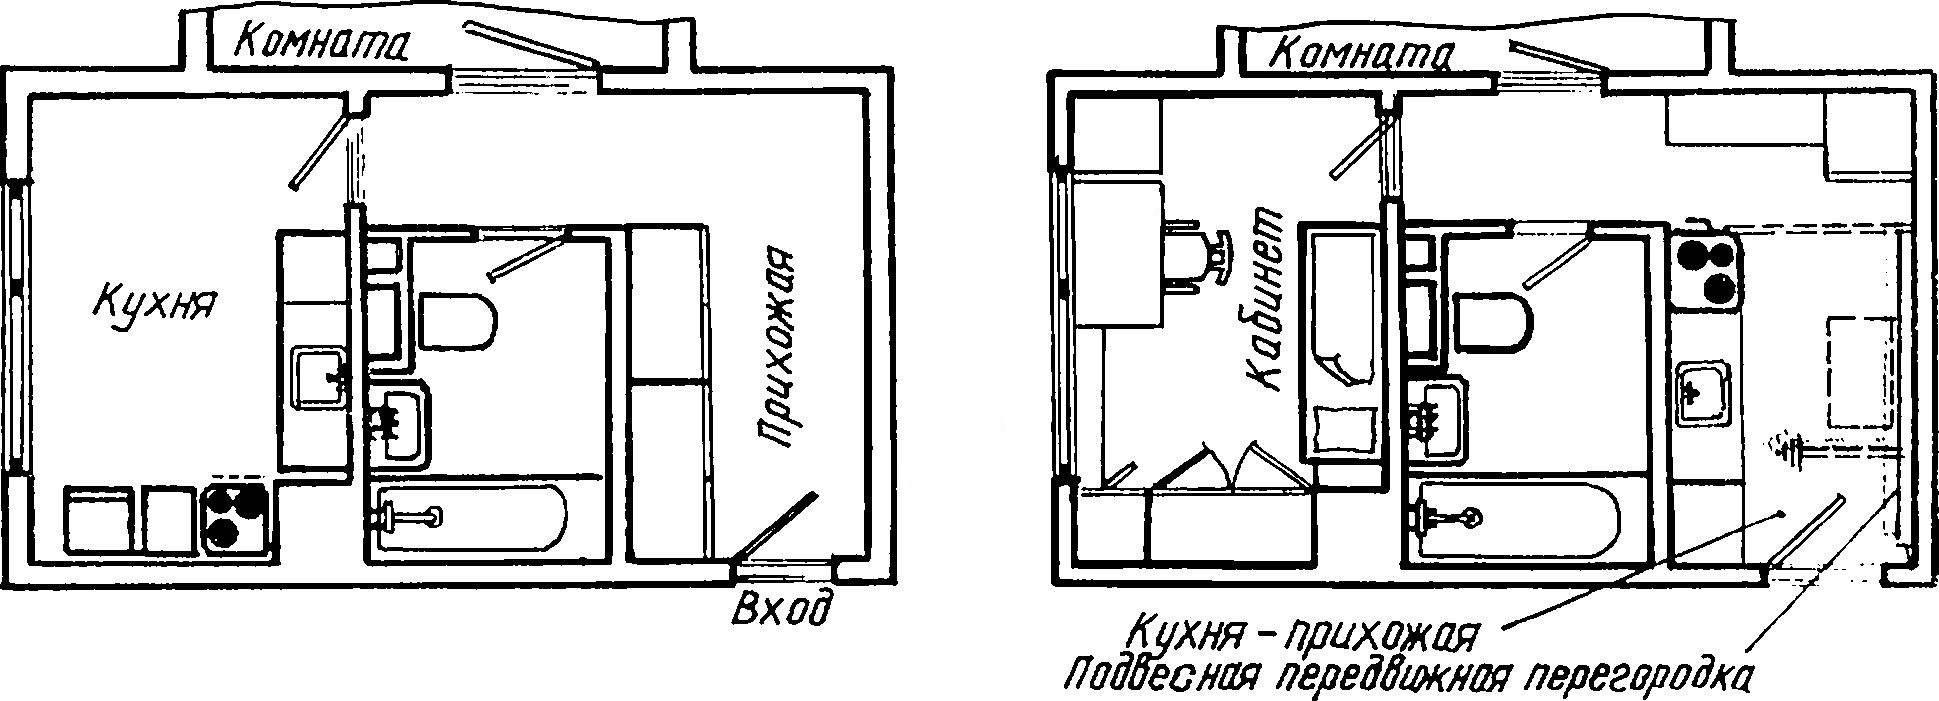 План однокомнатной квартиры до реконструкции (слева) и после реконструкции.